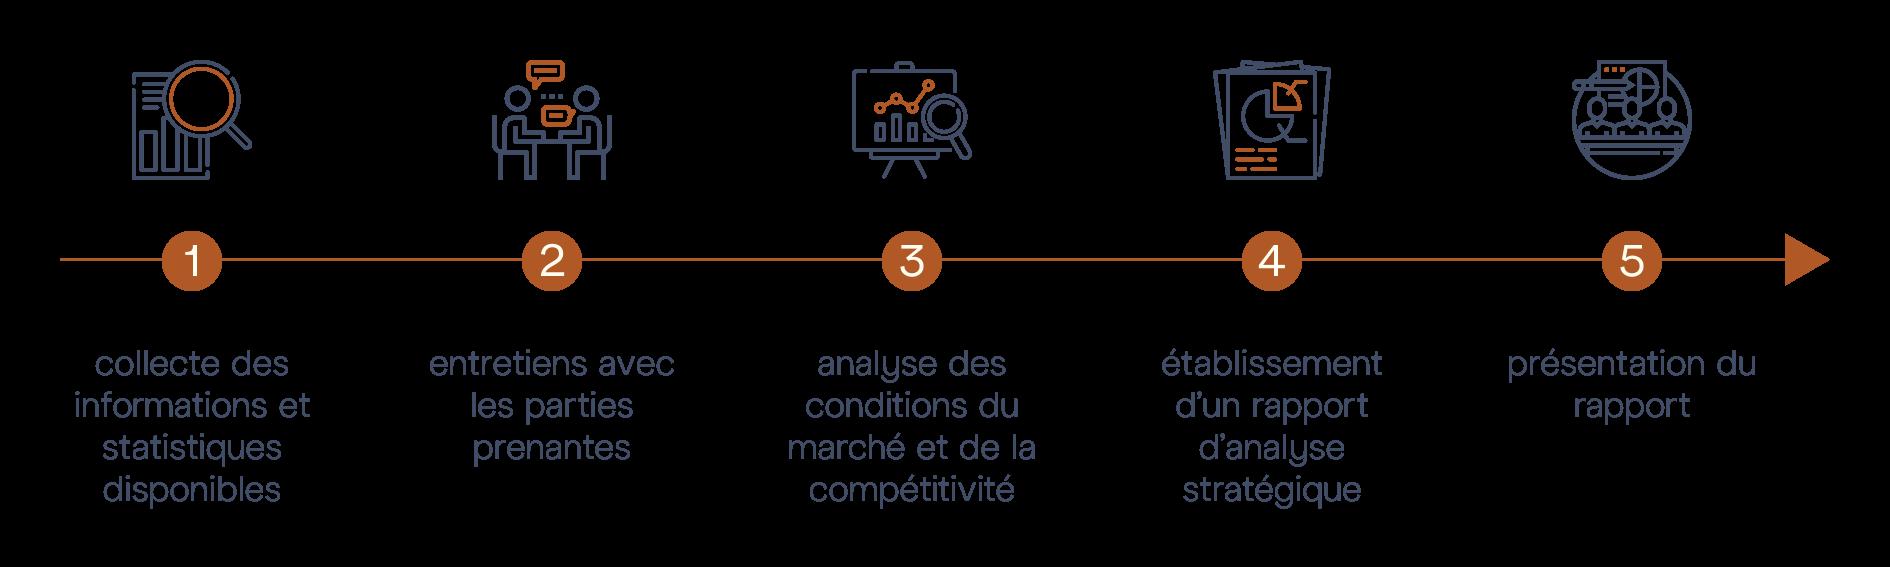 Audit Stratégie M&BD © - Diagram Steps